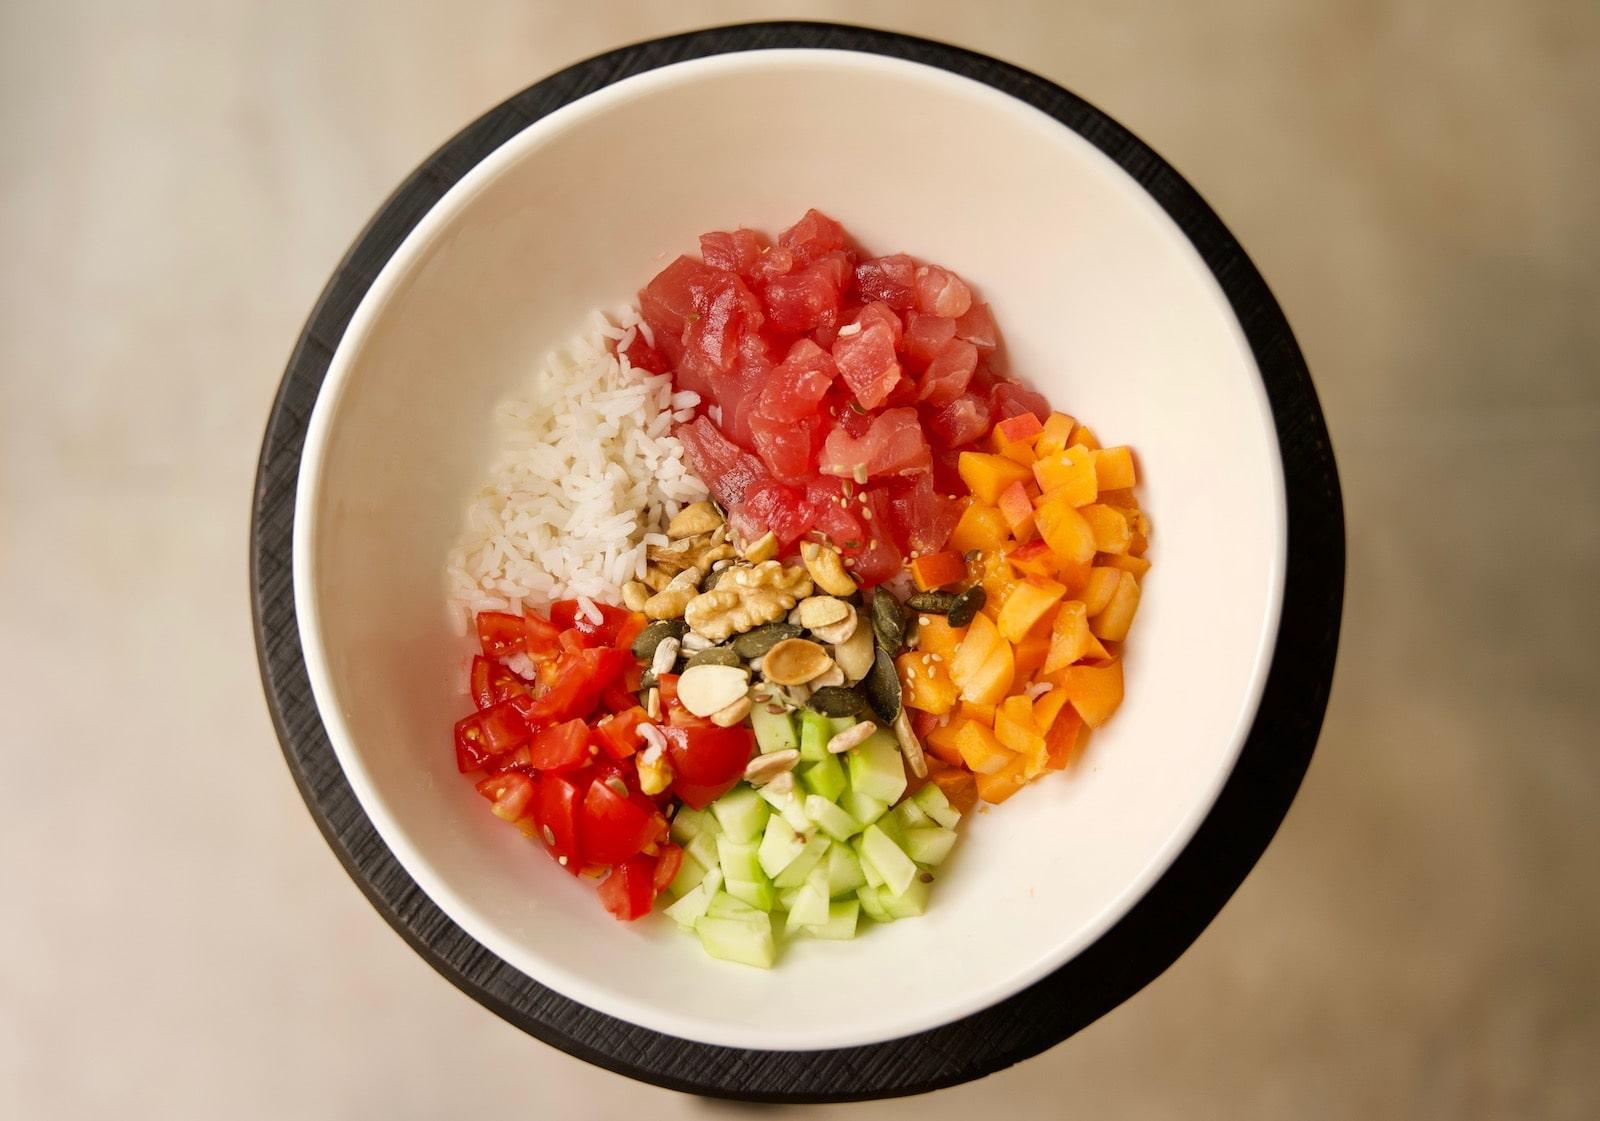 Pokè bowl salad